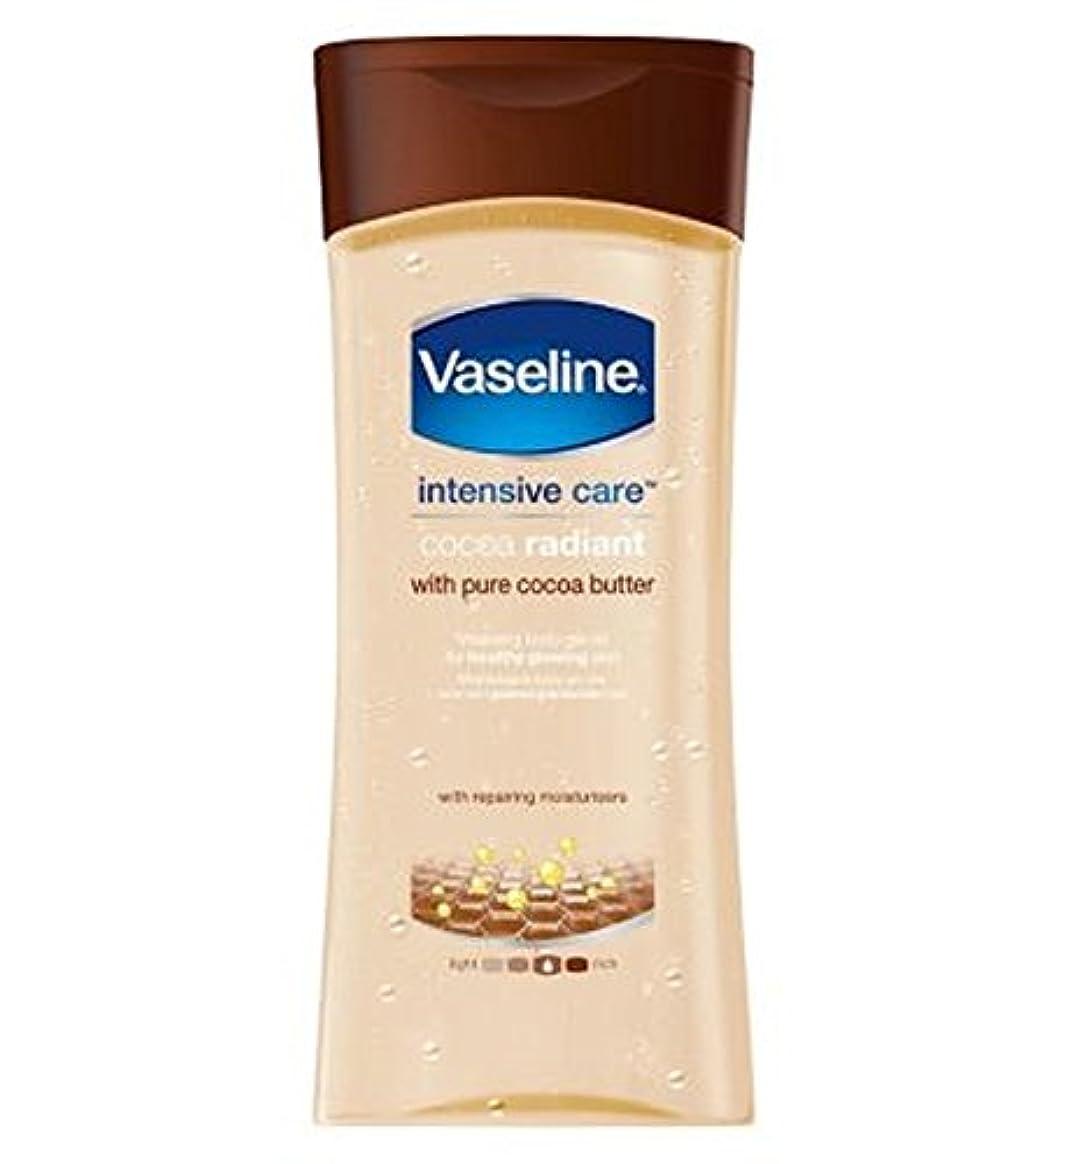 ハプニング慎重に沿ってVaseline Intensive Care Cocoa Gel Oil 200ml - ワセリン集中治療ココアゲルオイル200ミリリットル (Vaseline) [並行輸入品]